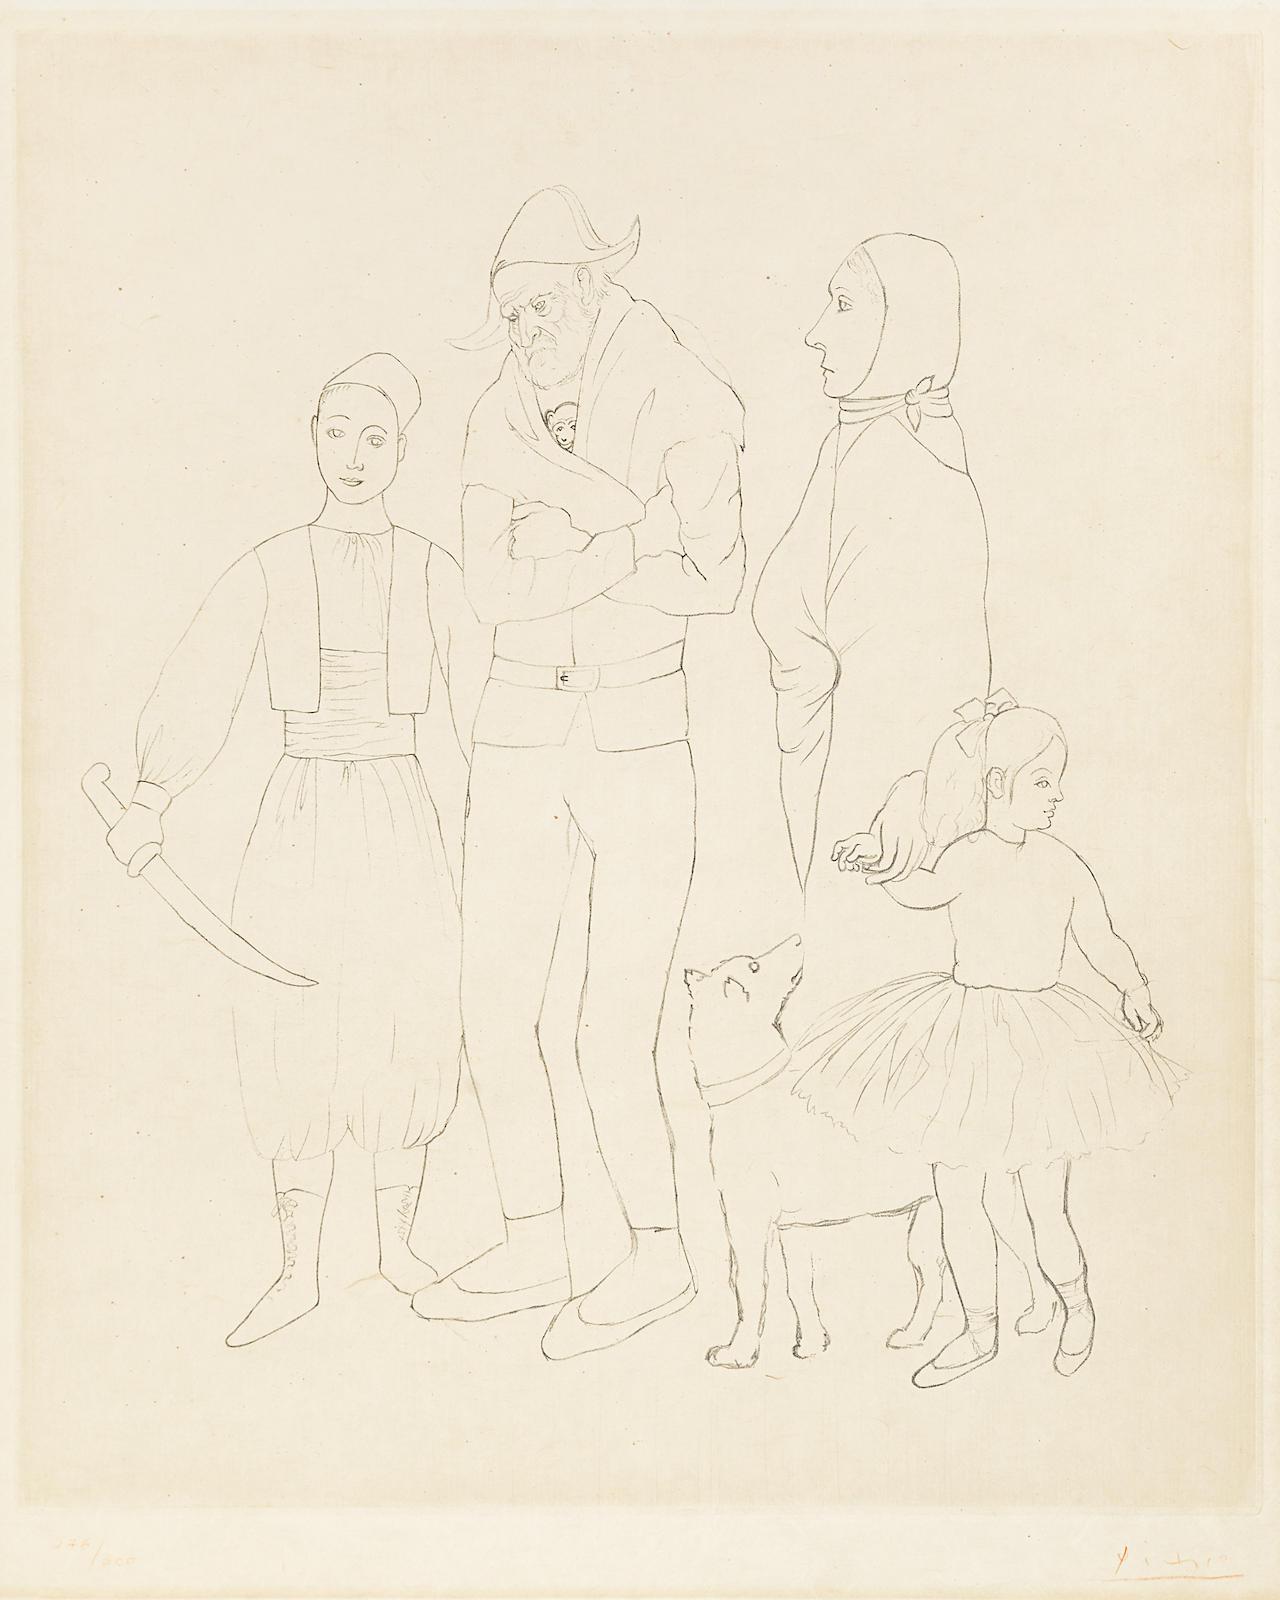 Pablo Picasso-After Pablo Picasso - Famille des Saltimbanques, c. 1950-1950